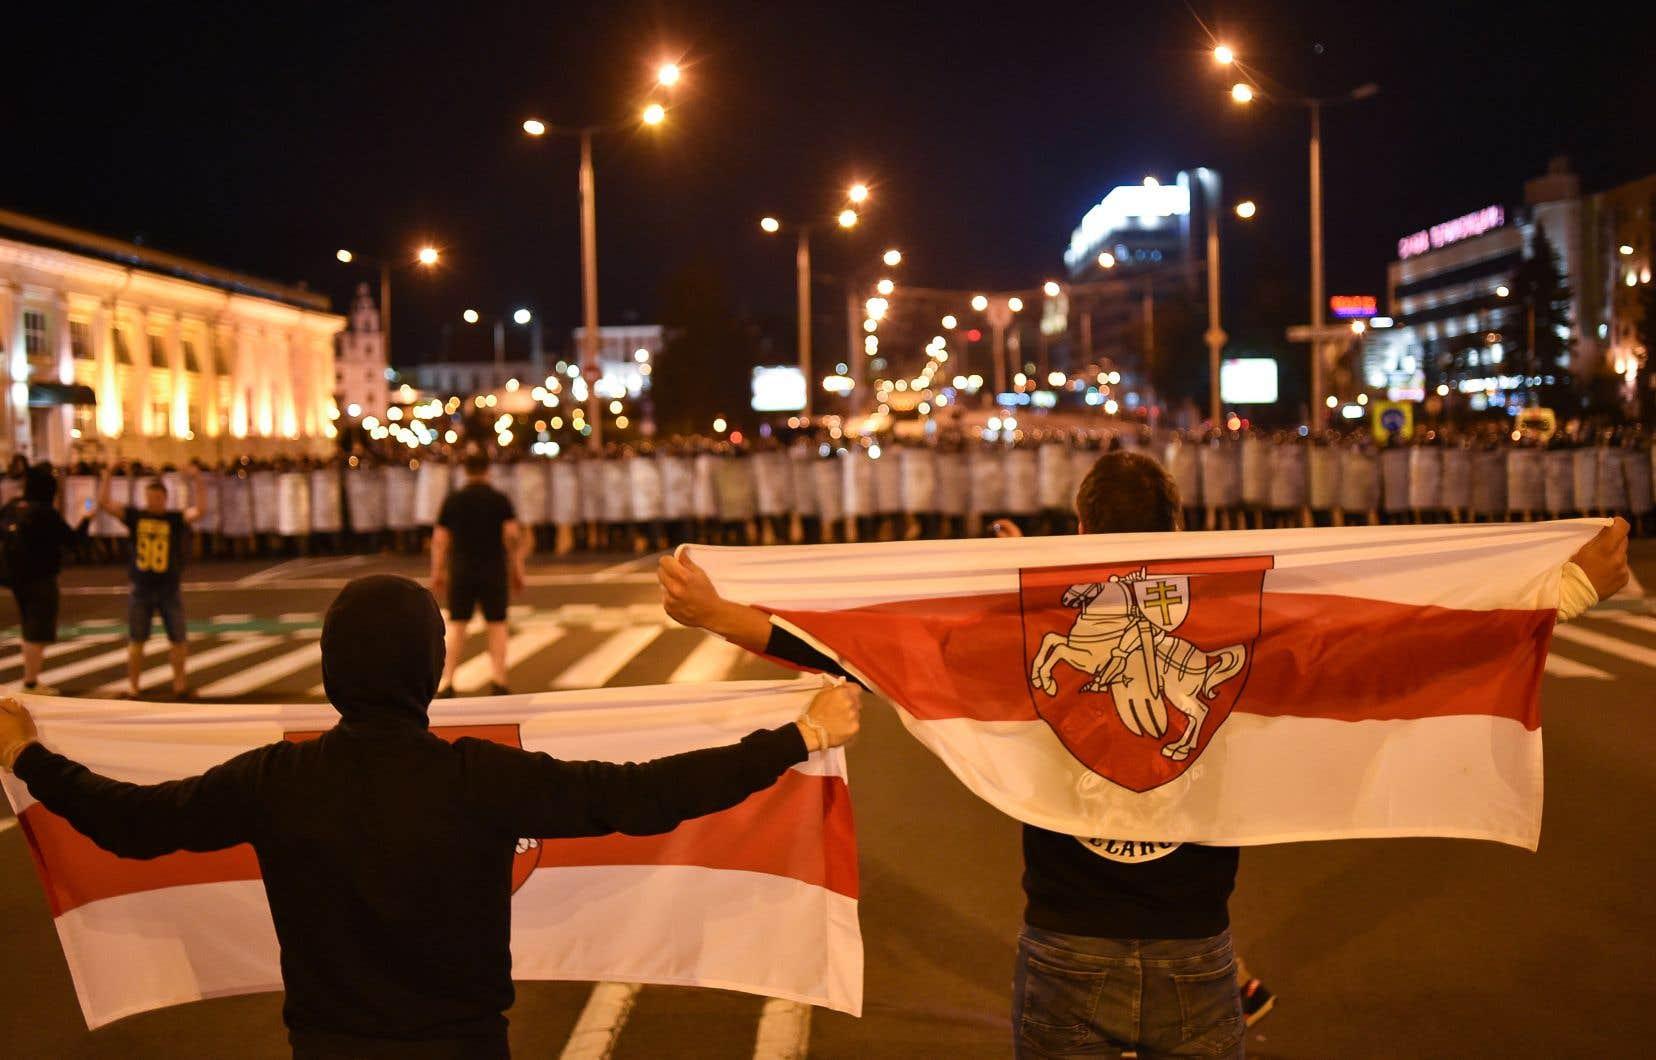 Les policiers ont été déployés en très grand nombre pour repousser des centaines de manifestants biélorusses descendus dans la rue dès que les sondages ont donné la victoire à Alexandre Loukachenko.